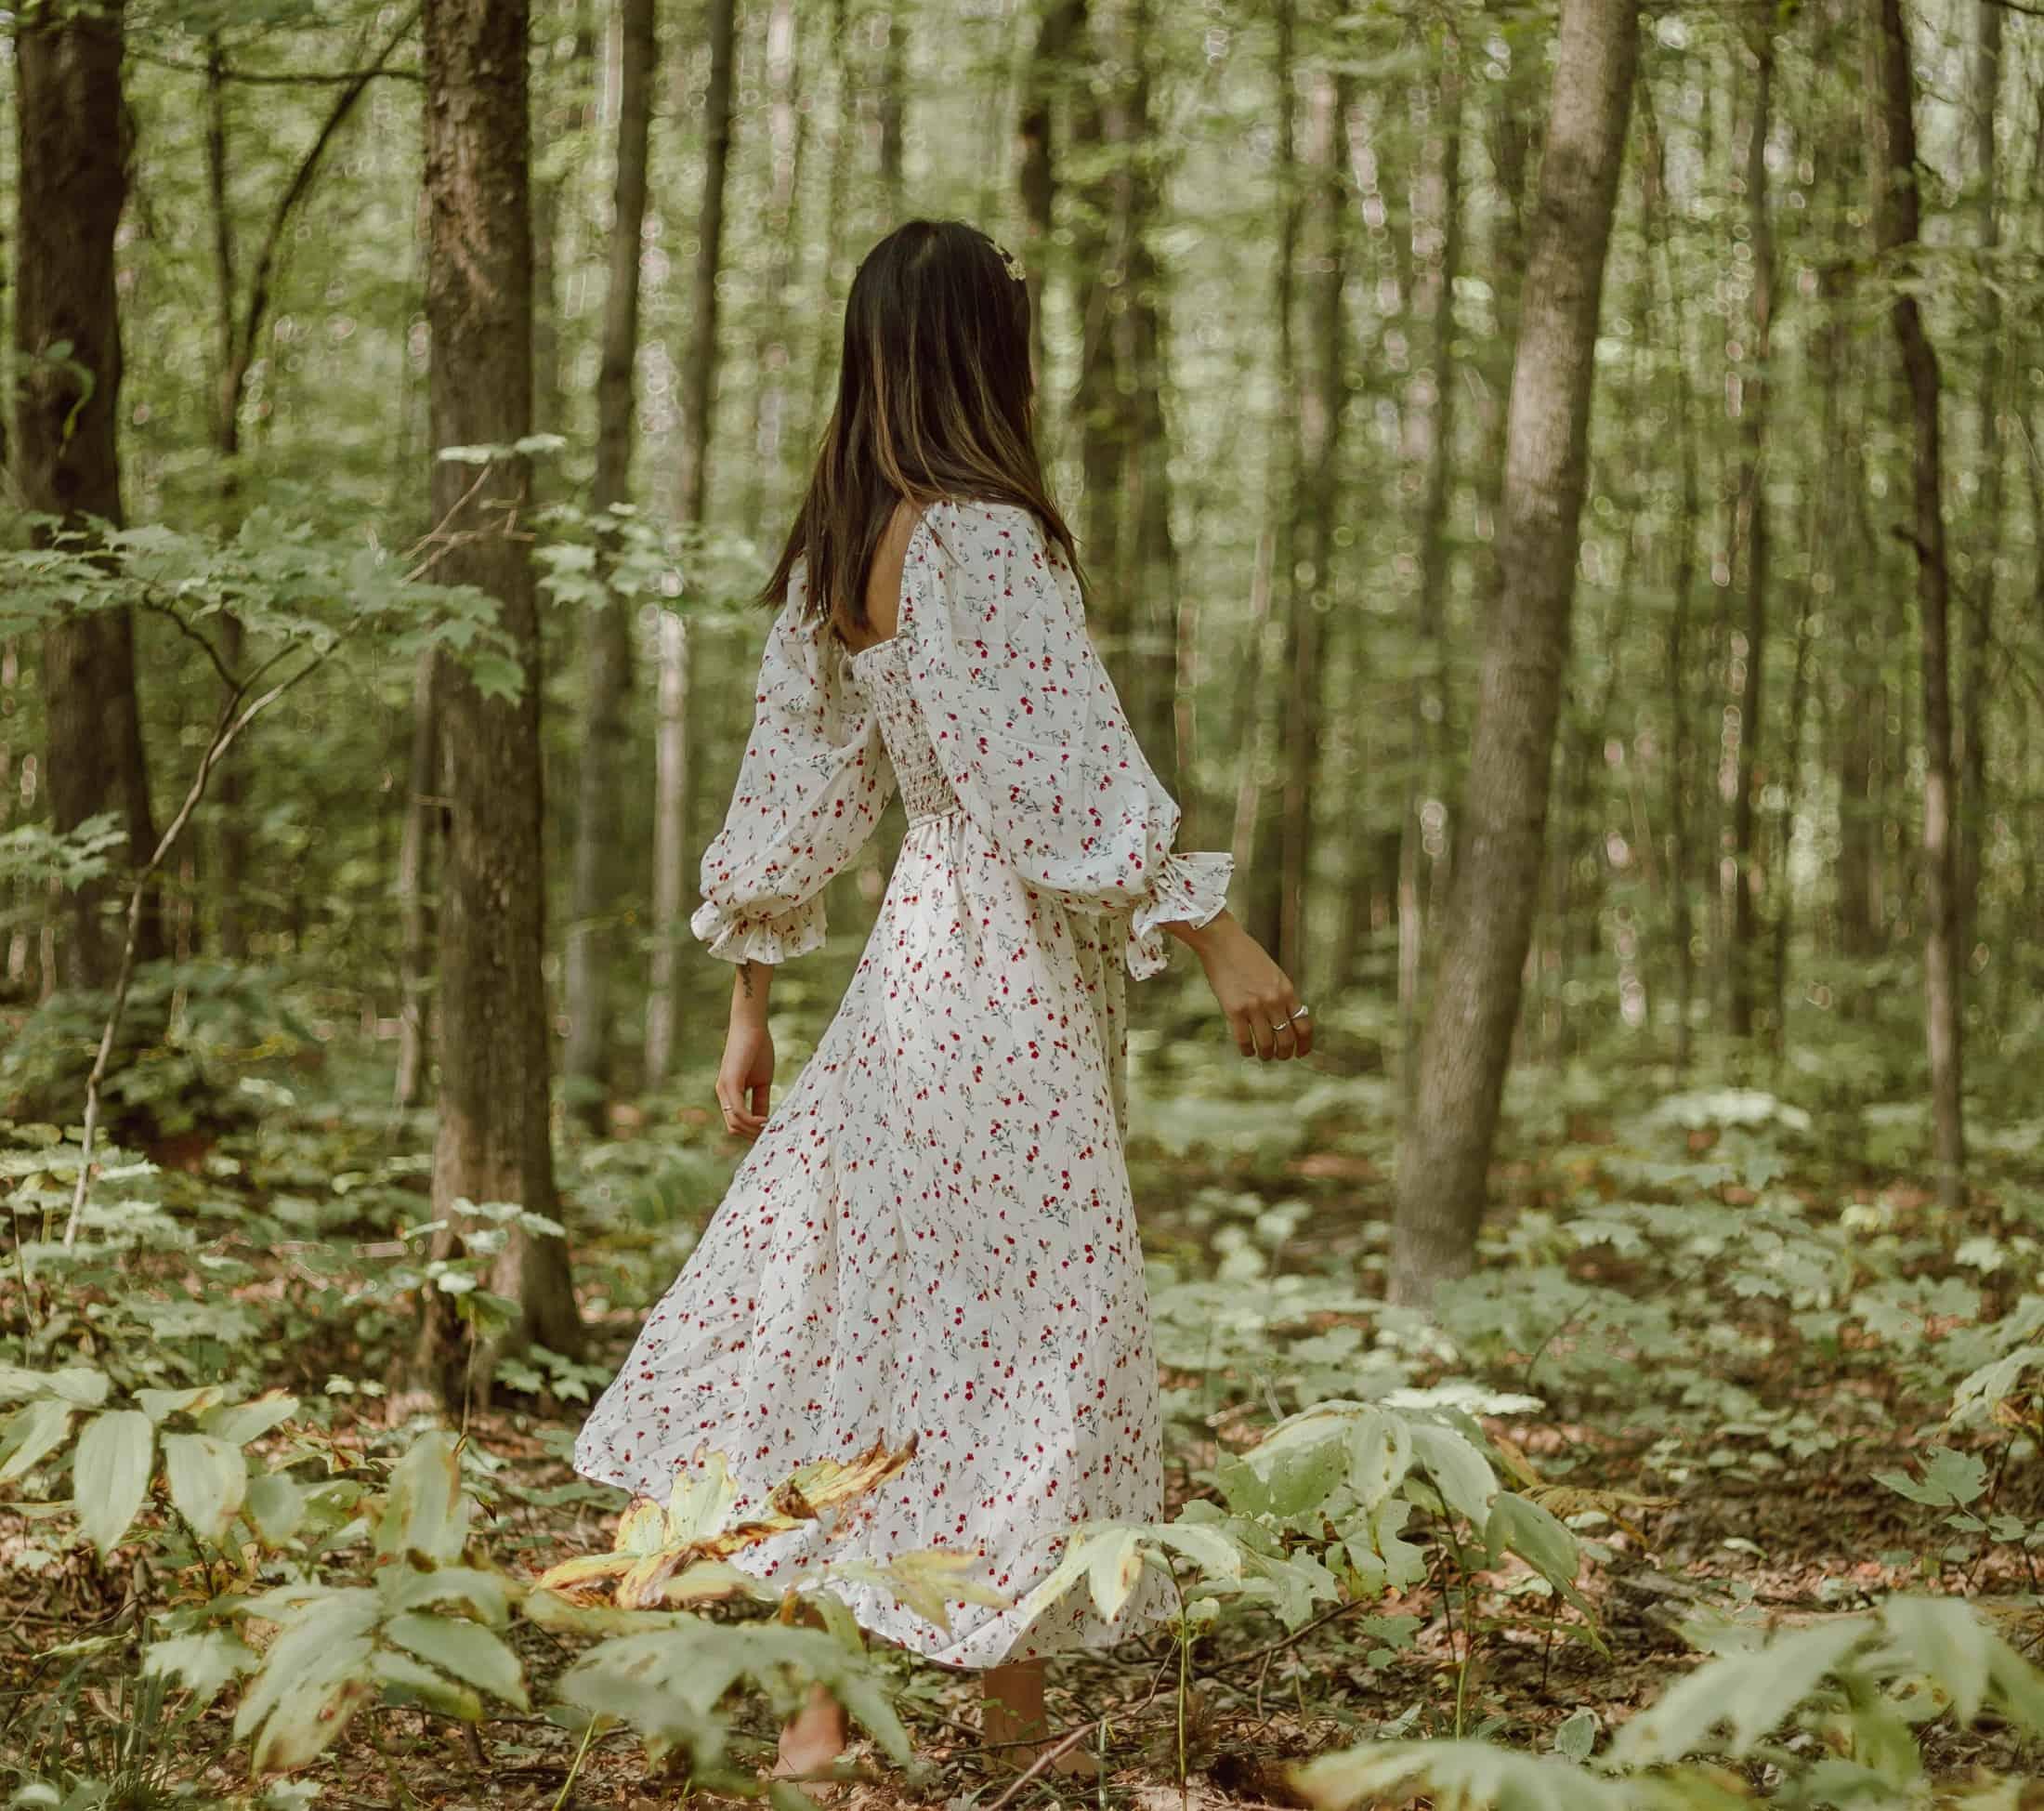 Bezpieczny spacer po lesie, czyli jak odstraszyć od siebie kleszcze?